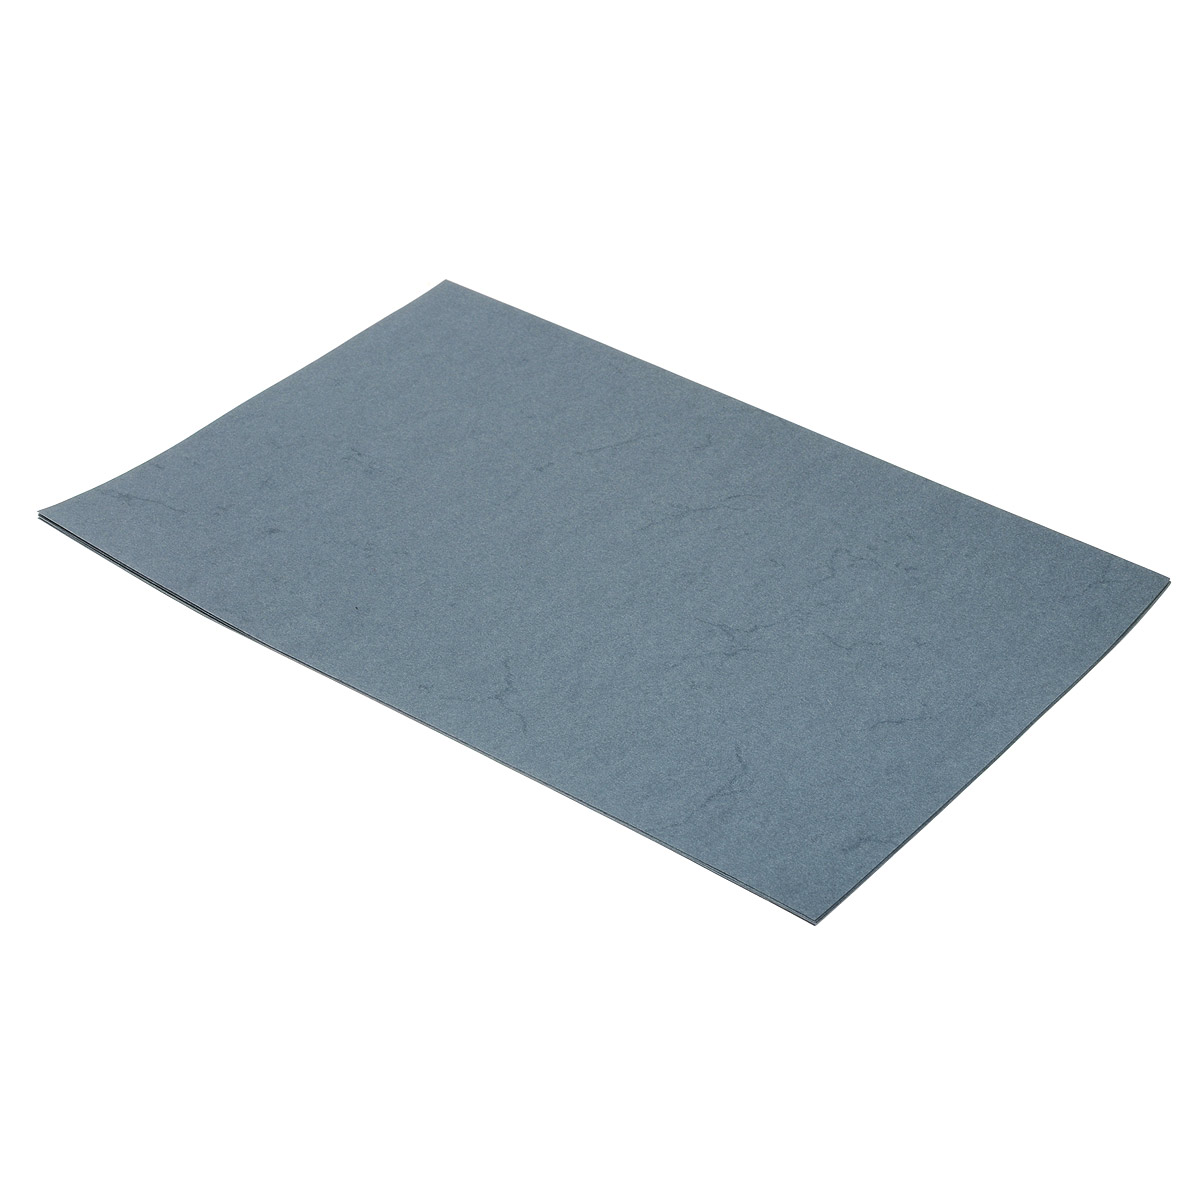 Бумага с имитацией пергамента Folia, цвет: серый, A4, 10 лC0042416Гладкая тонированная дизайнерская бумага Folia с имитацией окрашенного пергамента идеальна для изготовления оригинальных визиток, папок, календарей, презентационной продукции. Также бумага прекрасно подойдет для оформления творческих работ в технике скрапбукинг. Ее можно использовать для украшения фотоальбомов, скрап-страничек, подарков, конвертов, фоторамок, открыток и многого другого. В наборе - 10 листов.Скрапбукинг - это хобби, которое способно приносить массу приятных эмоций не только человеку, который этим занимается, но и его близким, друзьям, родным. Это невероятно увлекательное занятие, которое поможет вам сохранить наиболее памятные и яркие моменты вашей жизни, а также интересно оформить интерьер дома.Плотность бумаги: 110 г/м2.Размер листа: 21 см х 29,5 см.Формат листа: A4.